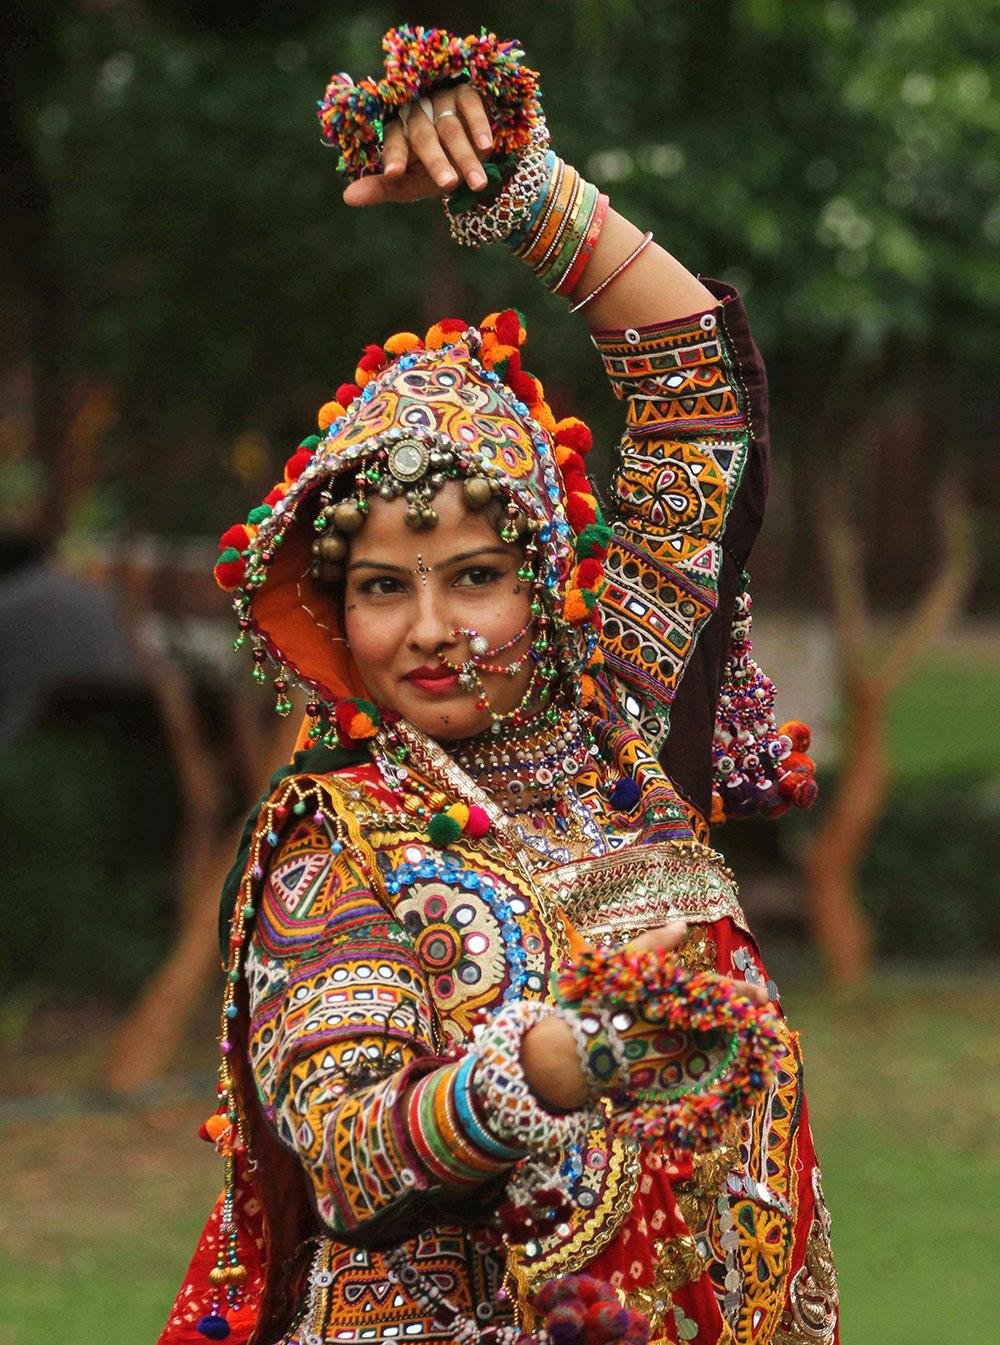 नवरात्री महोत्सव : अहमदाबाद येथे भारतीय पारंपरिक वेशात महिला.